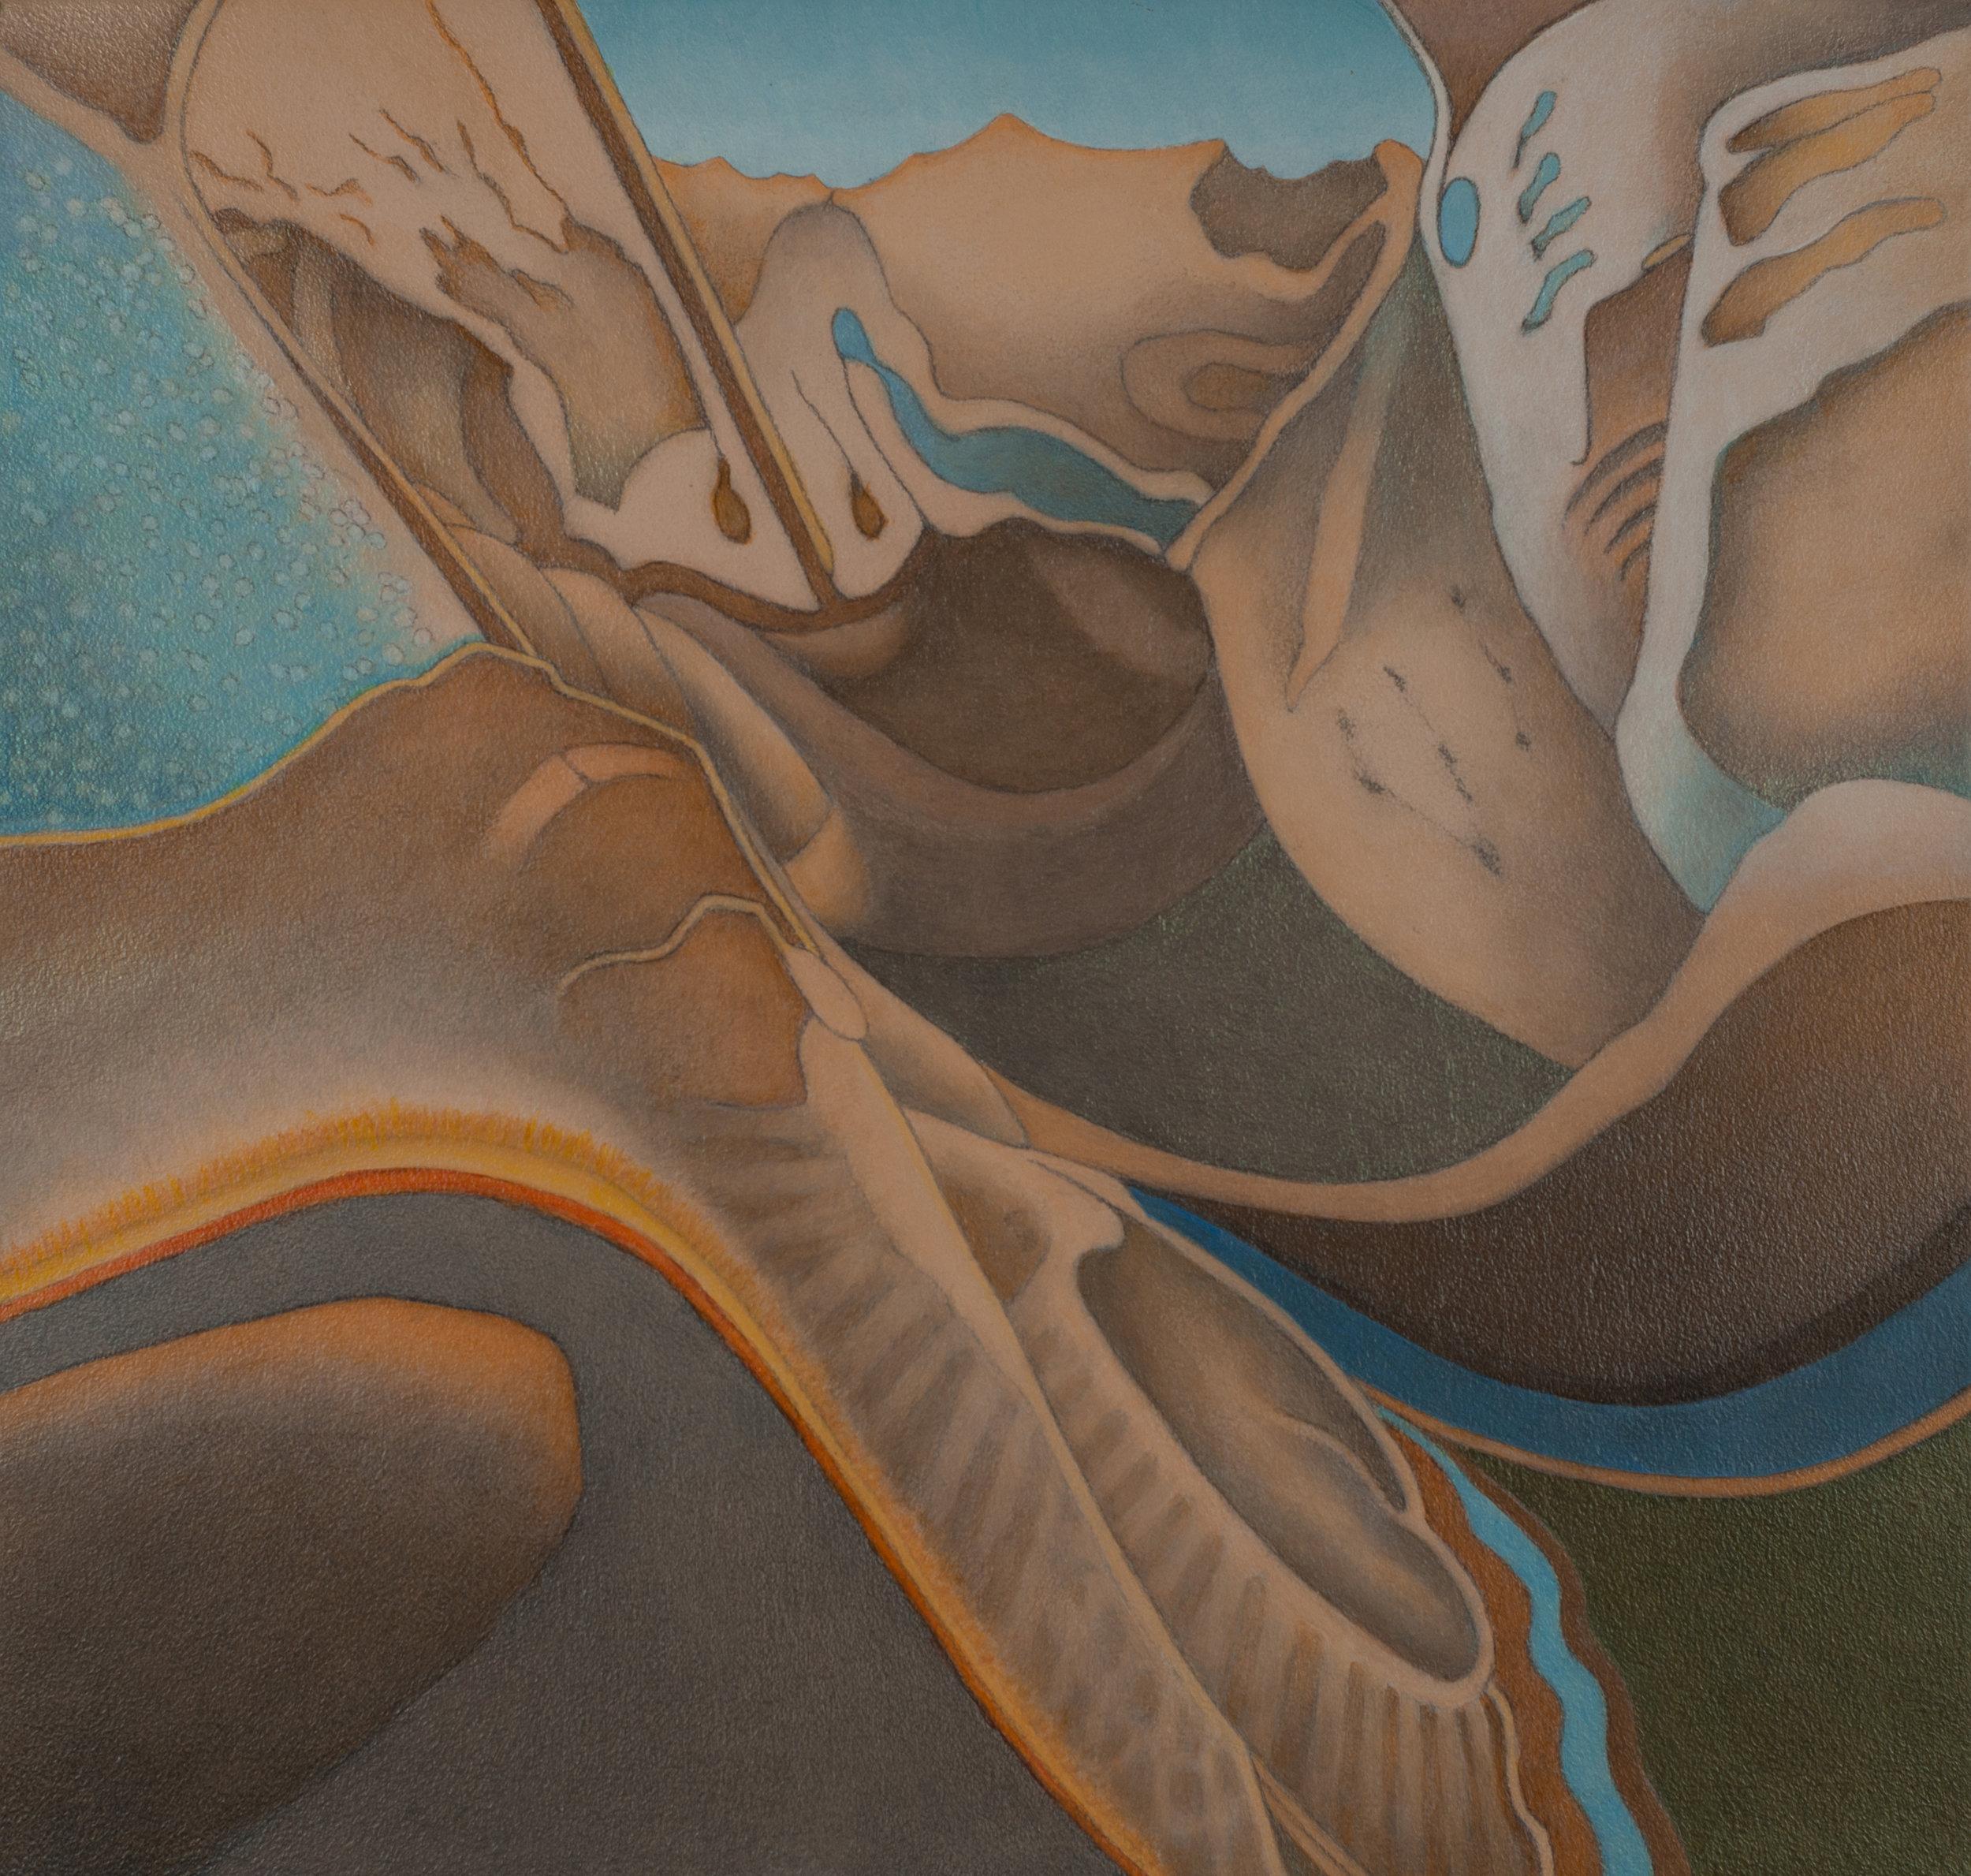 John Rampley ,  Geological Metamorphosis #2,  acrylic on wood, image: 16x16in, 2017